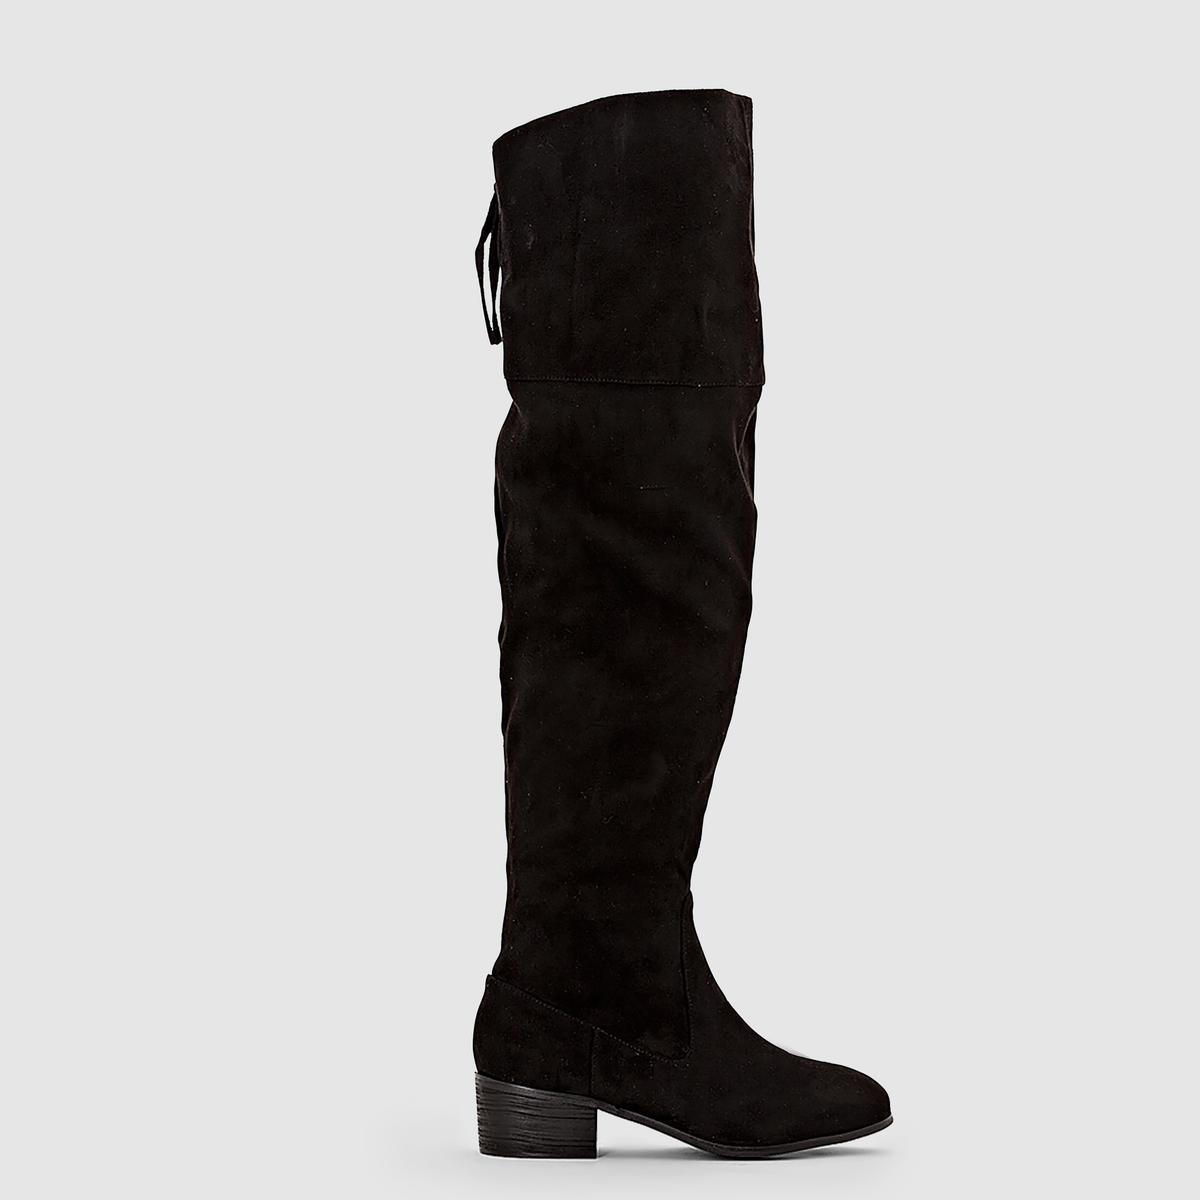 Бофорты на молнии на плоском каблуке для широкой стопы, размеры 38-45 от CASTALUNA